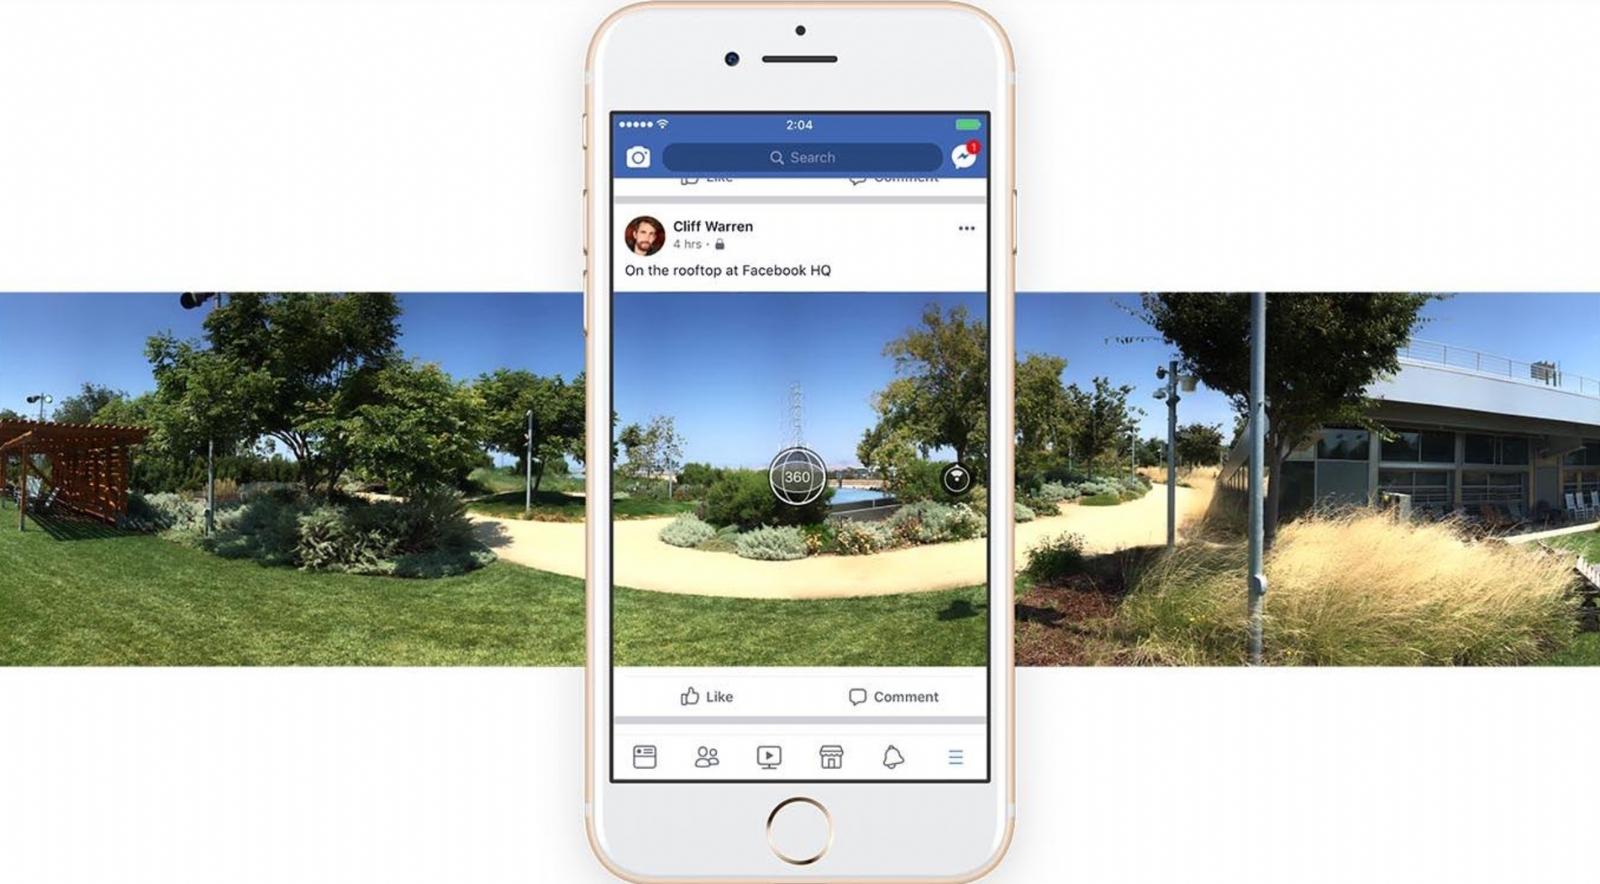 Facebook permite sacar y compartir fotos 360° directamente desde la app